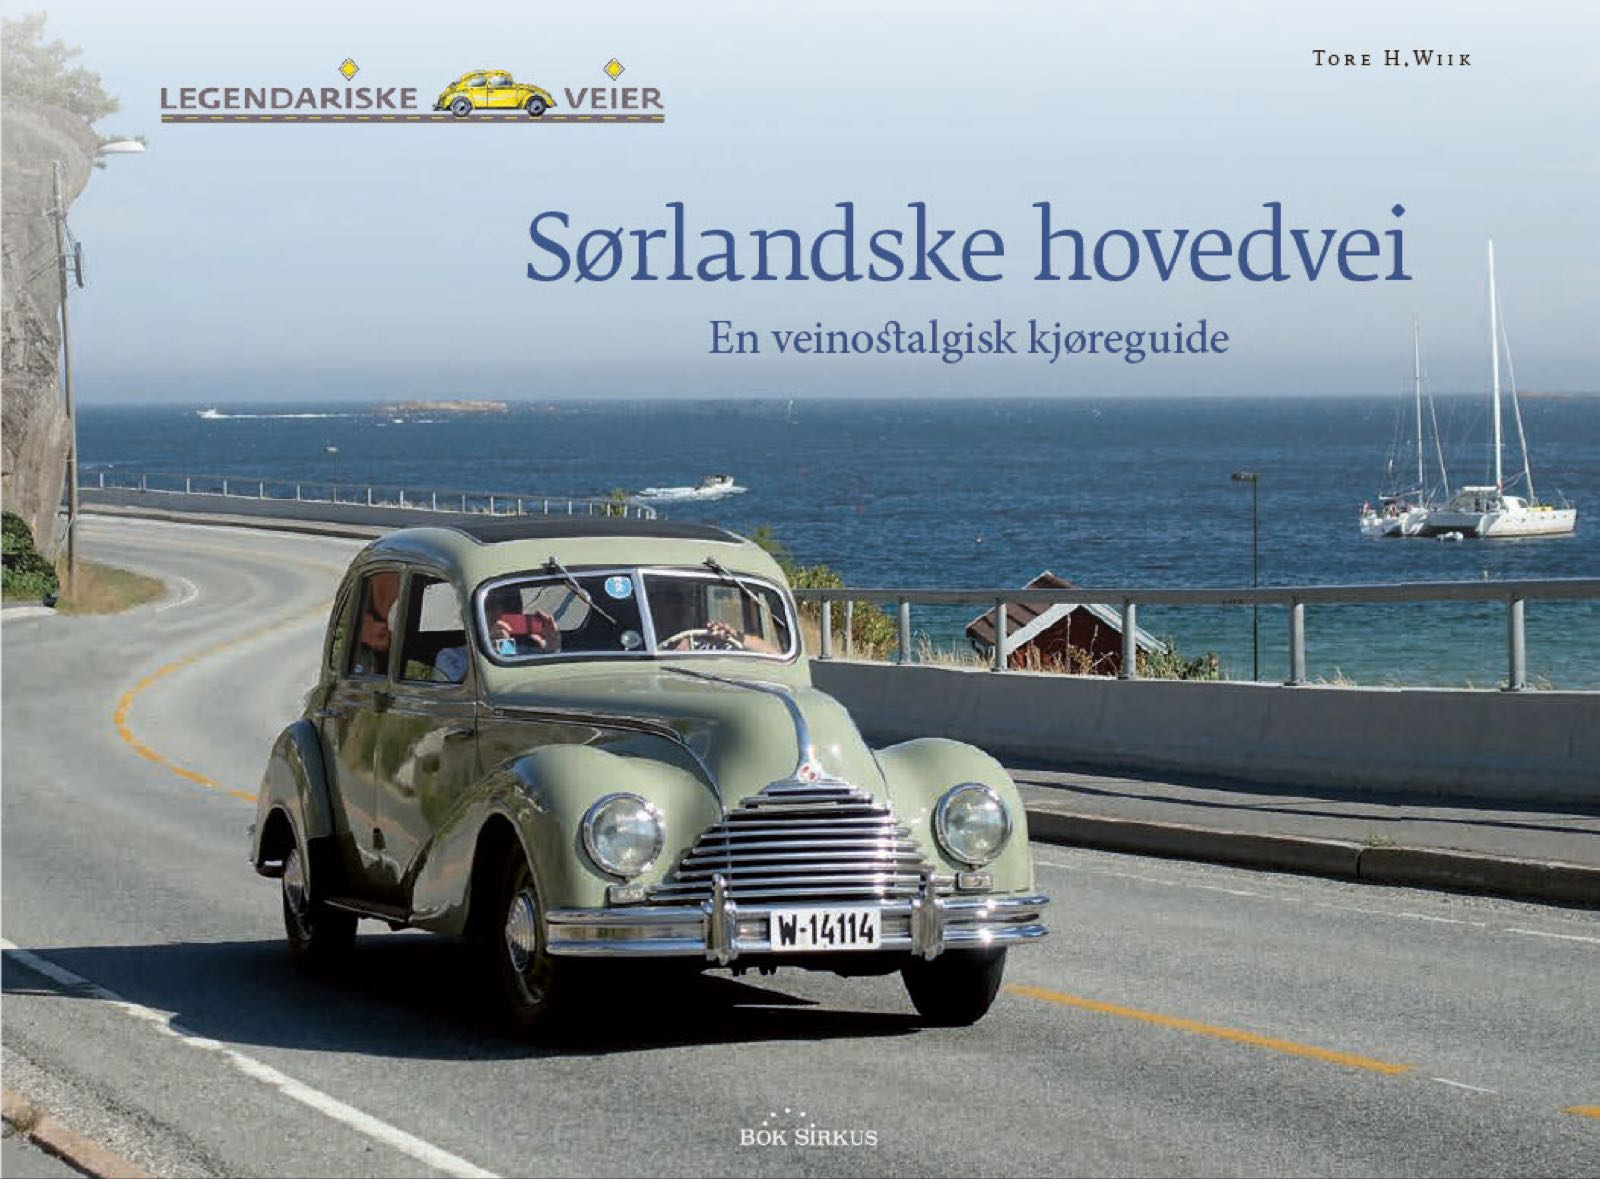 Sørlandske hovedvei - legendariske veier